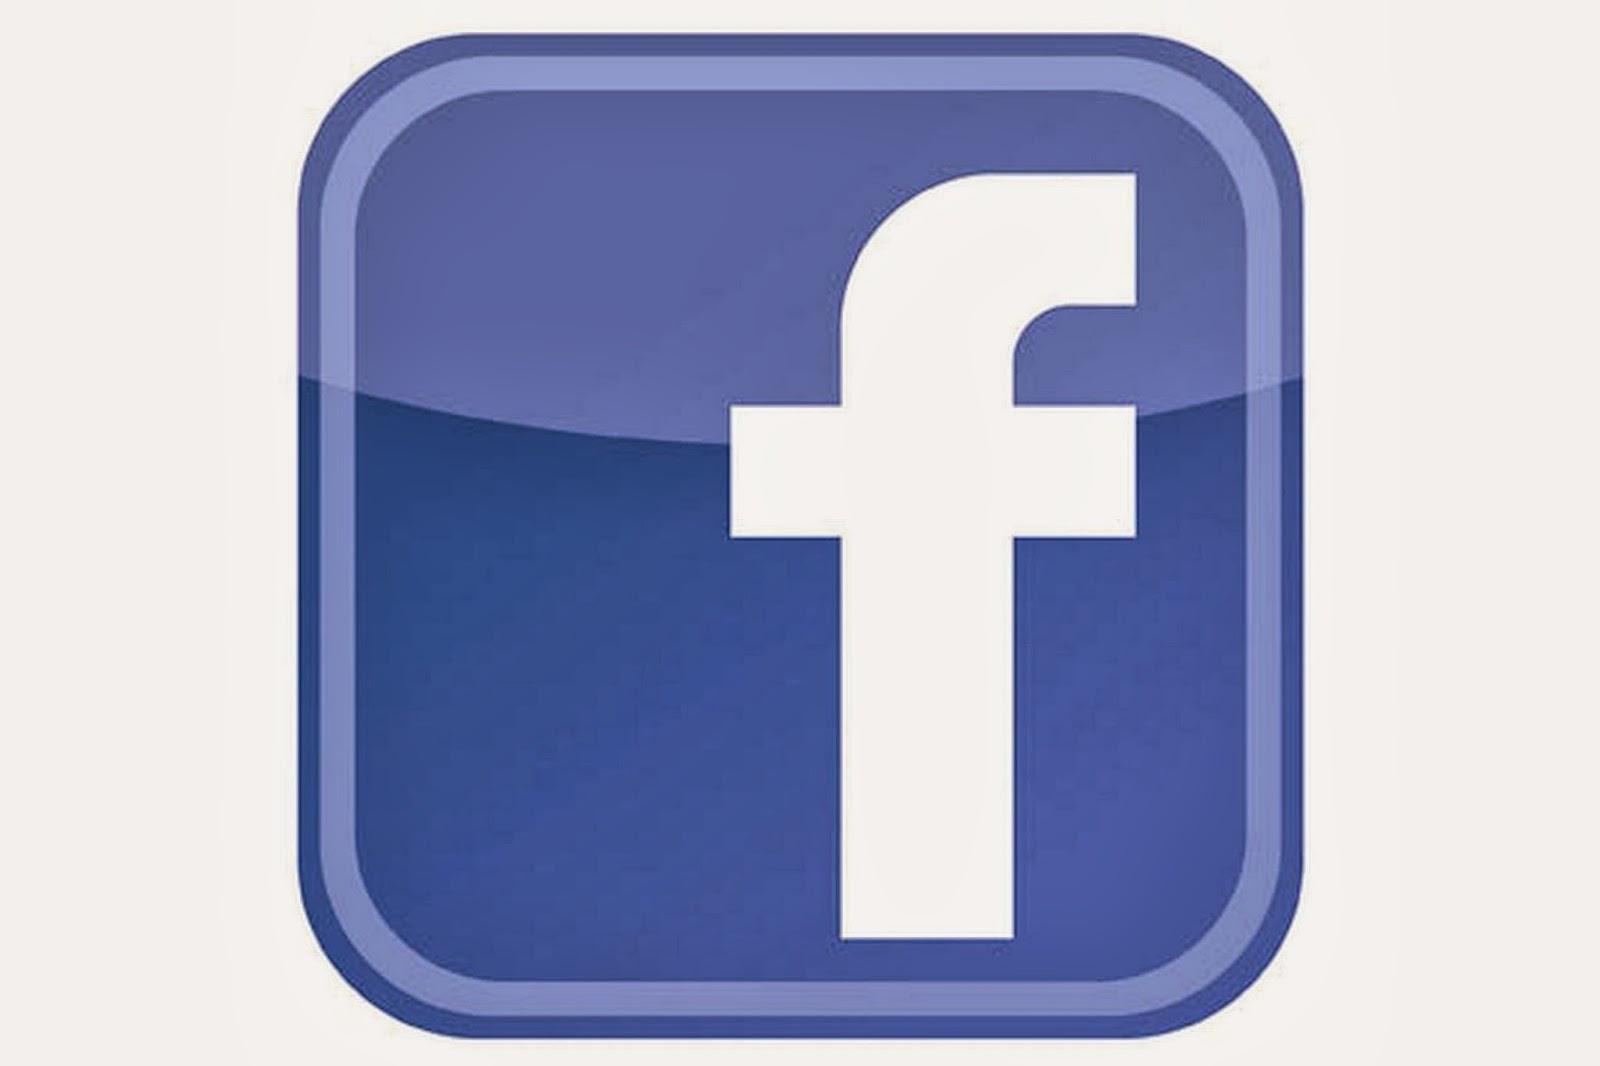 Sau đây, mình xin giới thiệu các bạn một số cách đơn giản để có thể vào  được Facebook và đăng nhập Facebook thành công.